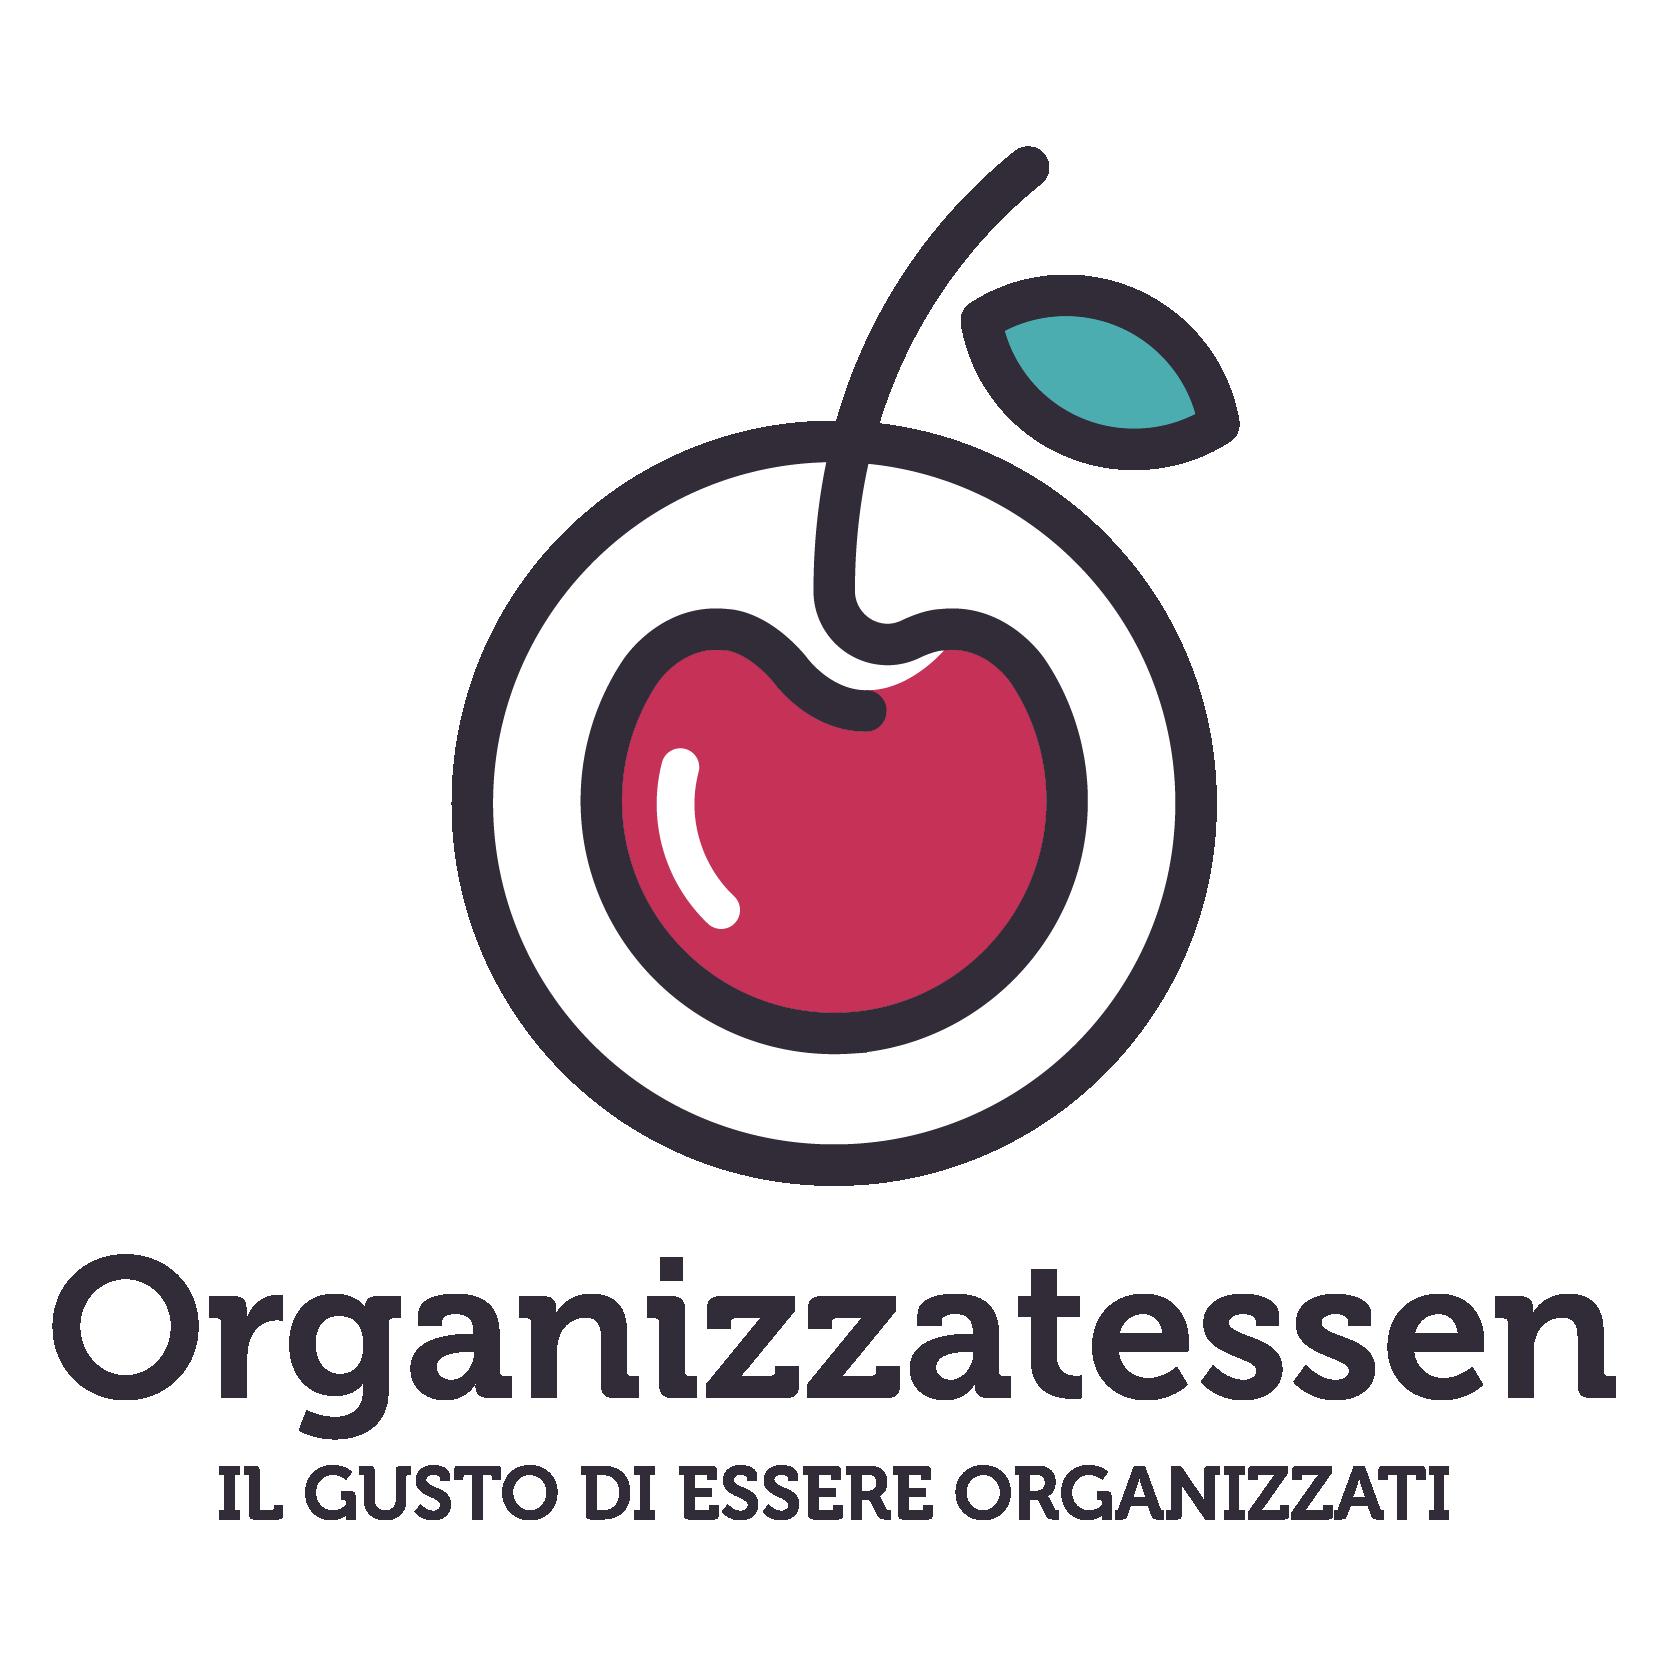 Professional organizer milano organizzarsi-1